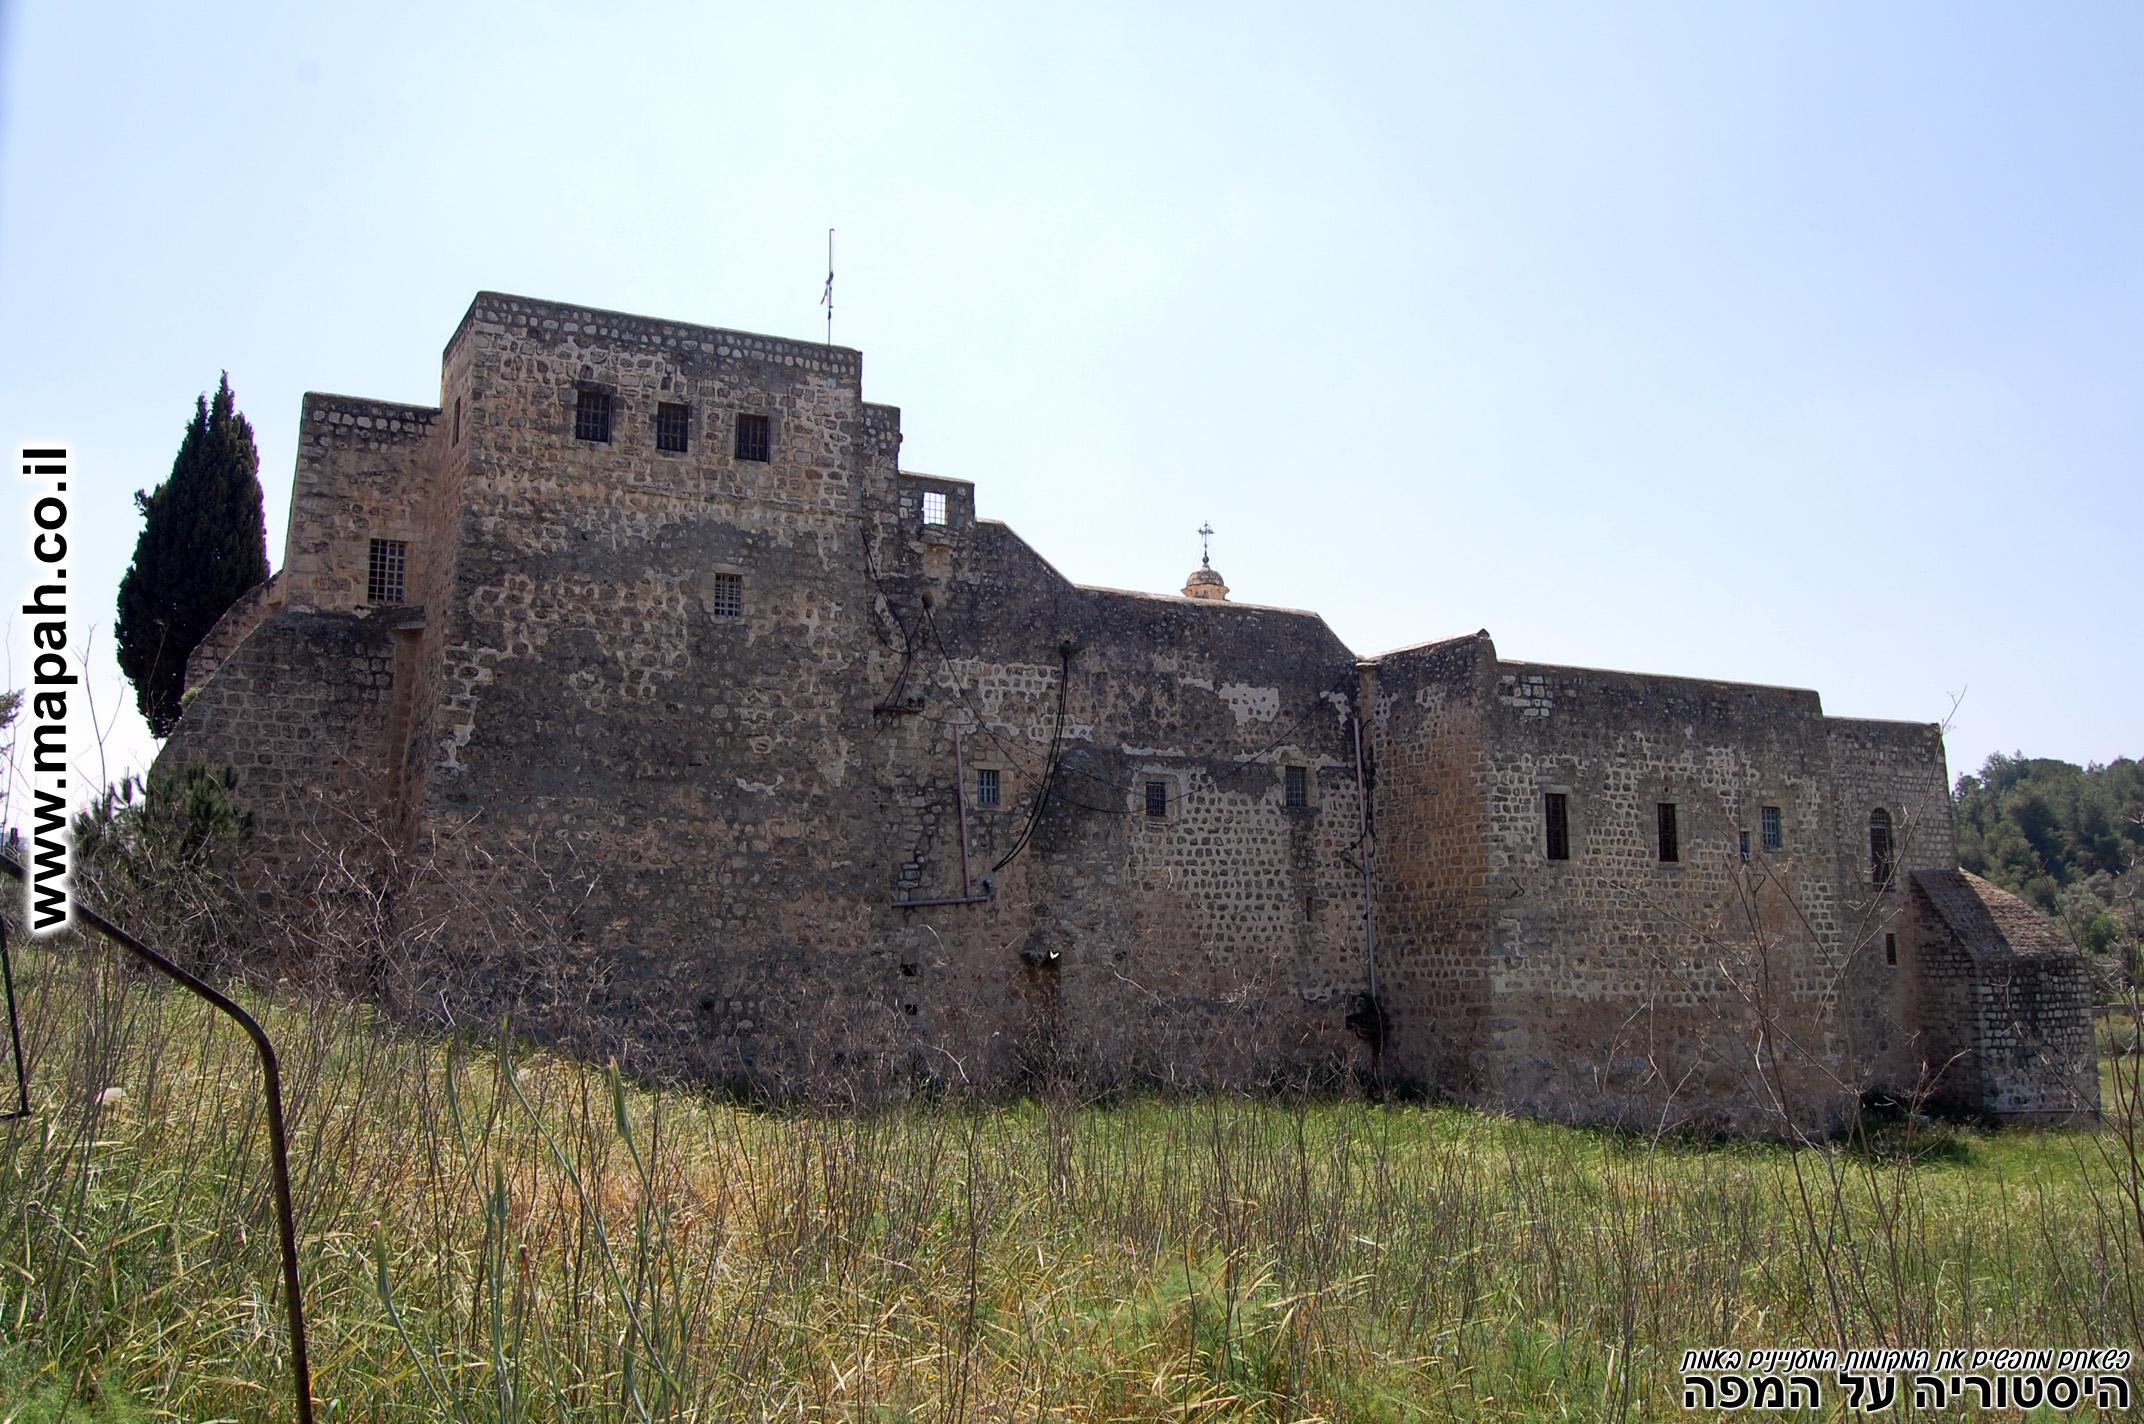 מבנה המנזר הוקם על יסודות קדומים יותר מהתקופה הביזנטית - צילום: אפי אליאן